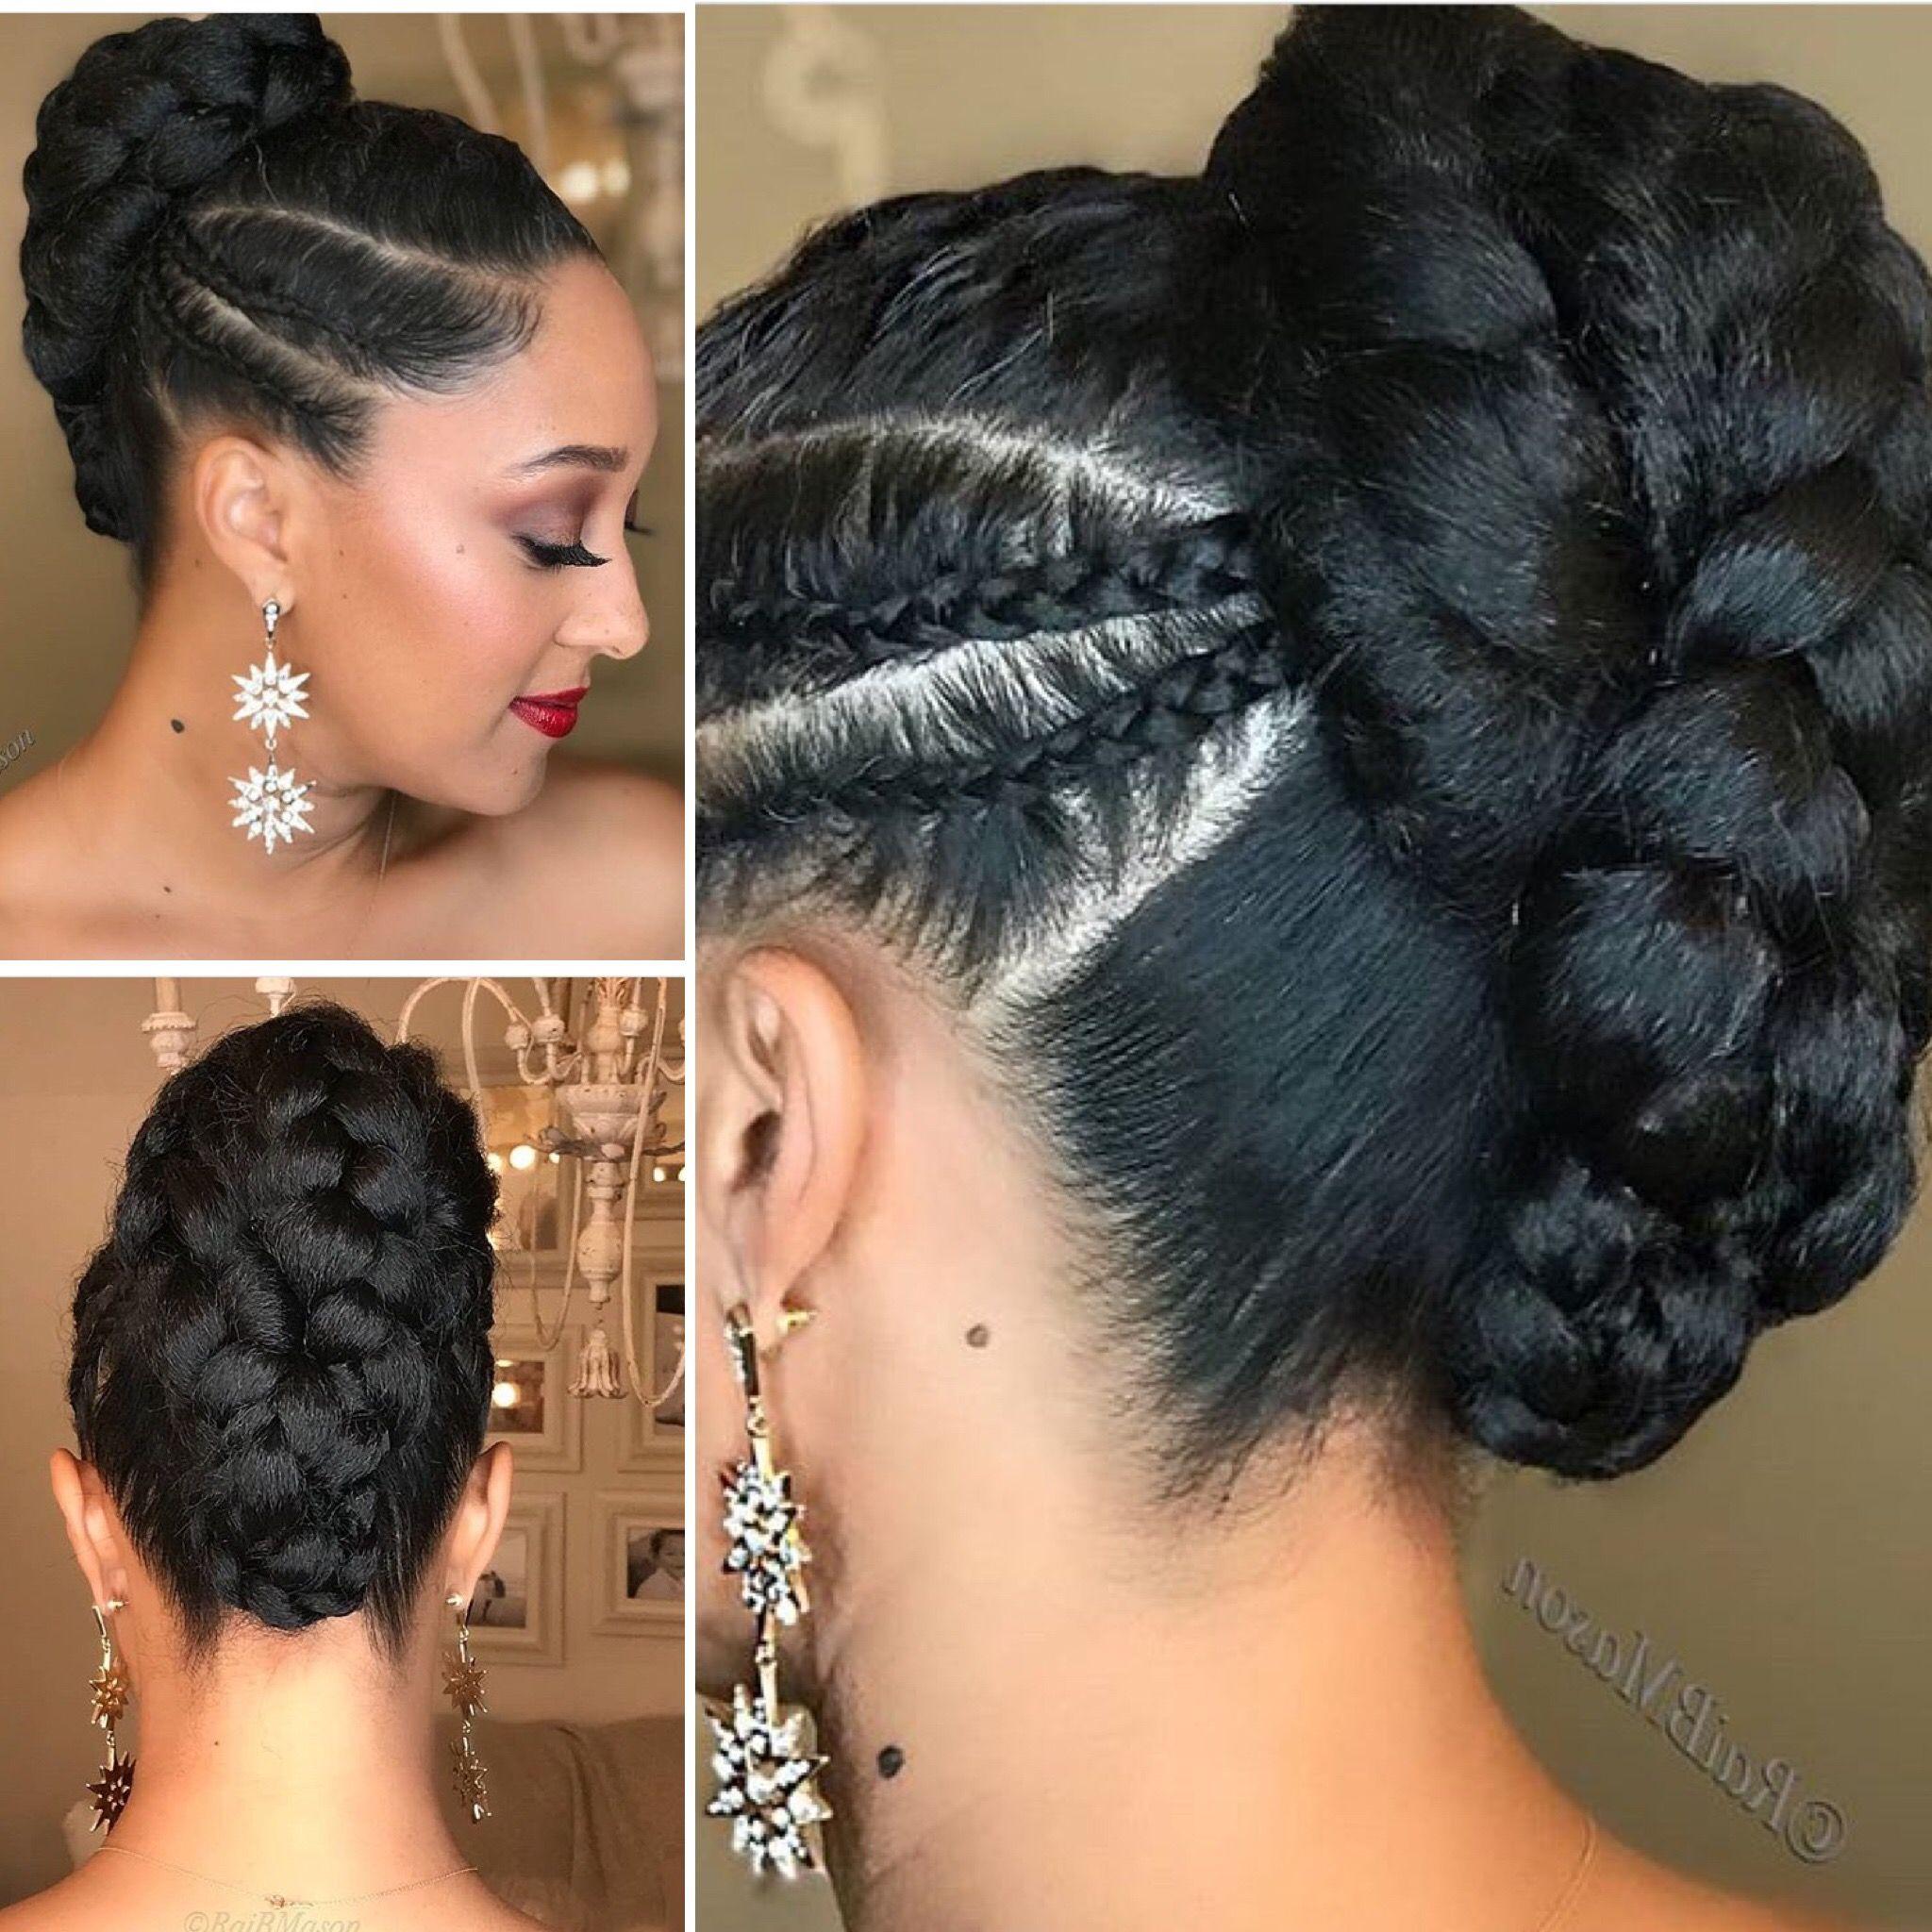 My Vow Renewal Hair Style Natural Hair Updo Hair Updos Natural